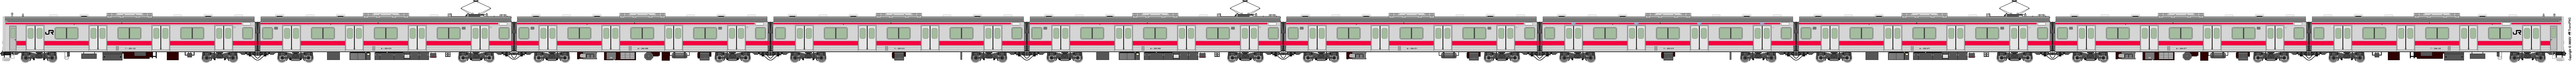 鐵路列車 5572